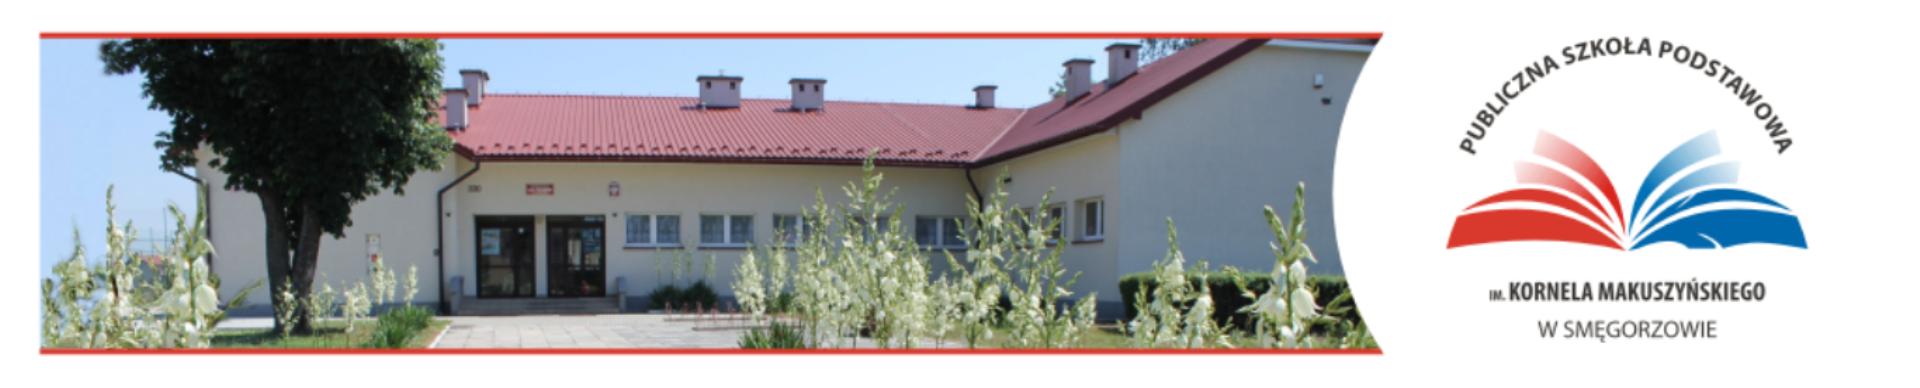 Szkoła Podstawowa w Smęgorzowie